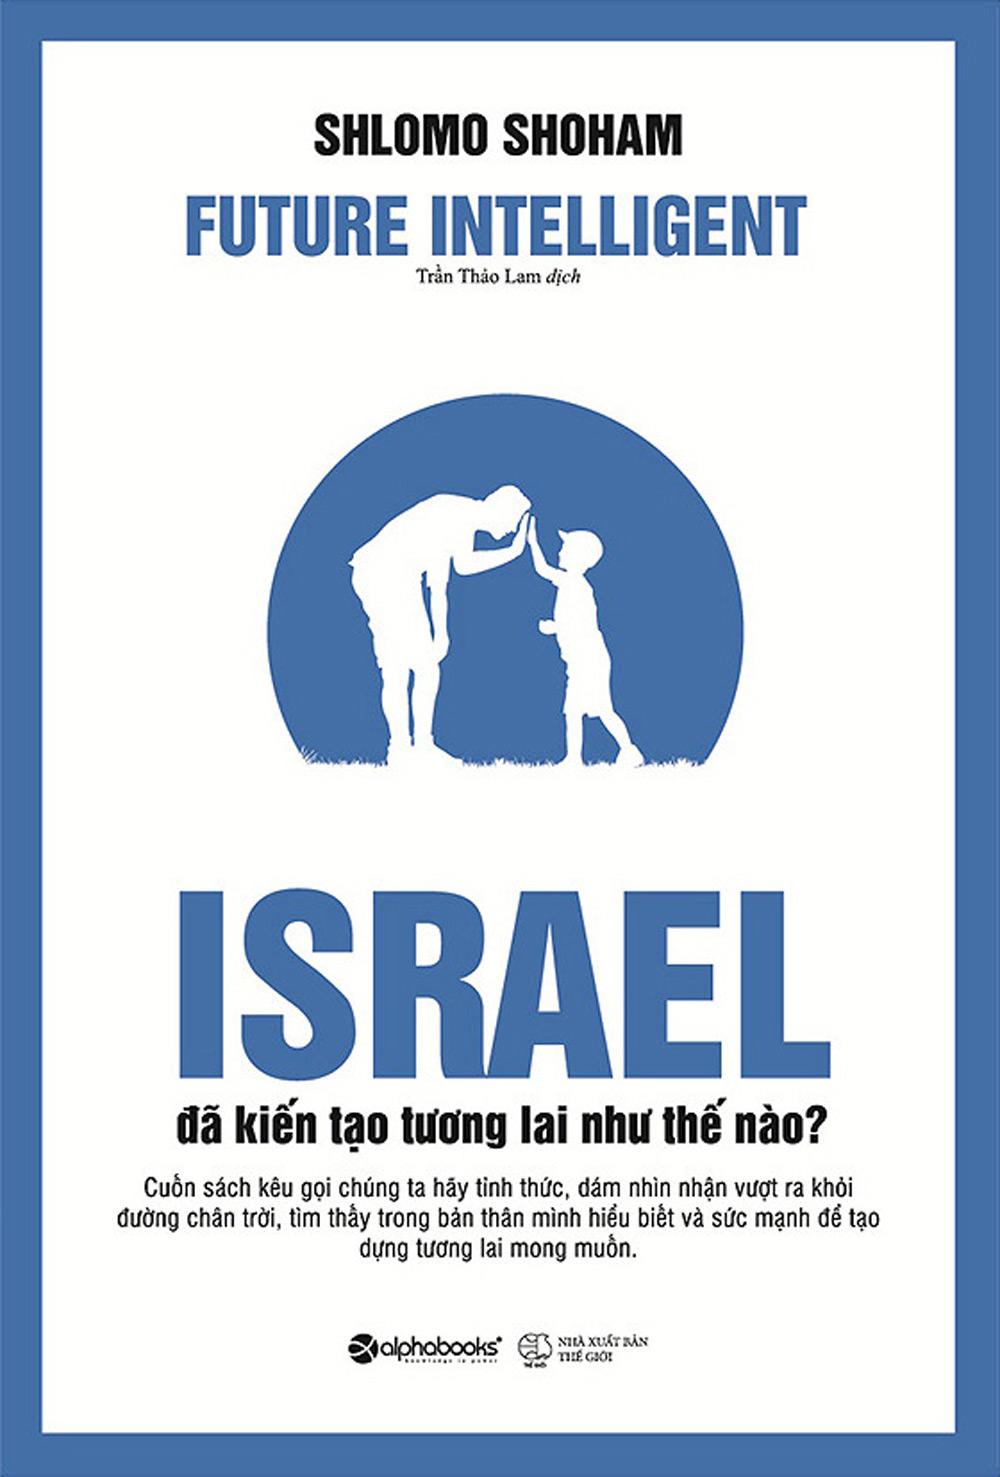 Israel Đã Kiến Tạo Tương Lai Như Thế Nào? - EBOOK/PDF/PRC/EPUB